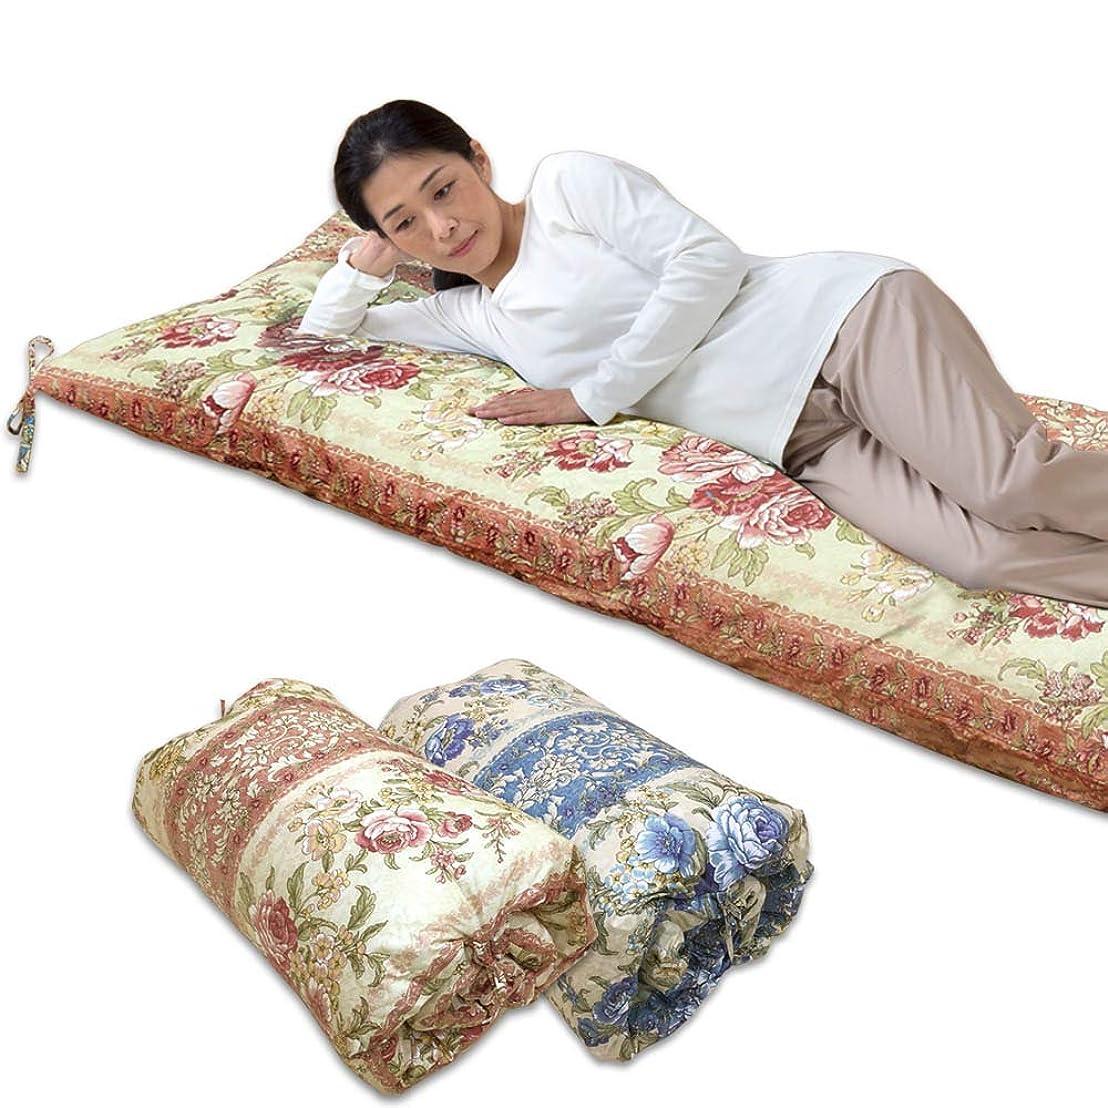 名詞しわ小説ごろ寝長座布団 75×185cm 日本製 なかわた2.4kg入り 高密度生地 綿100% 丸めて収納 紐付き (ピンク)